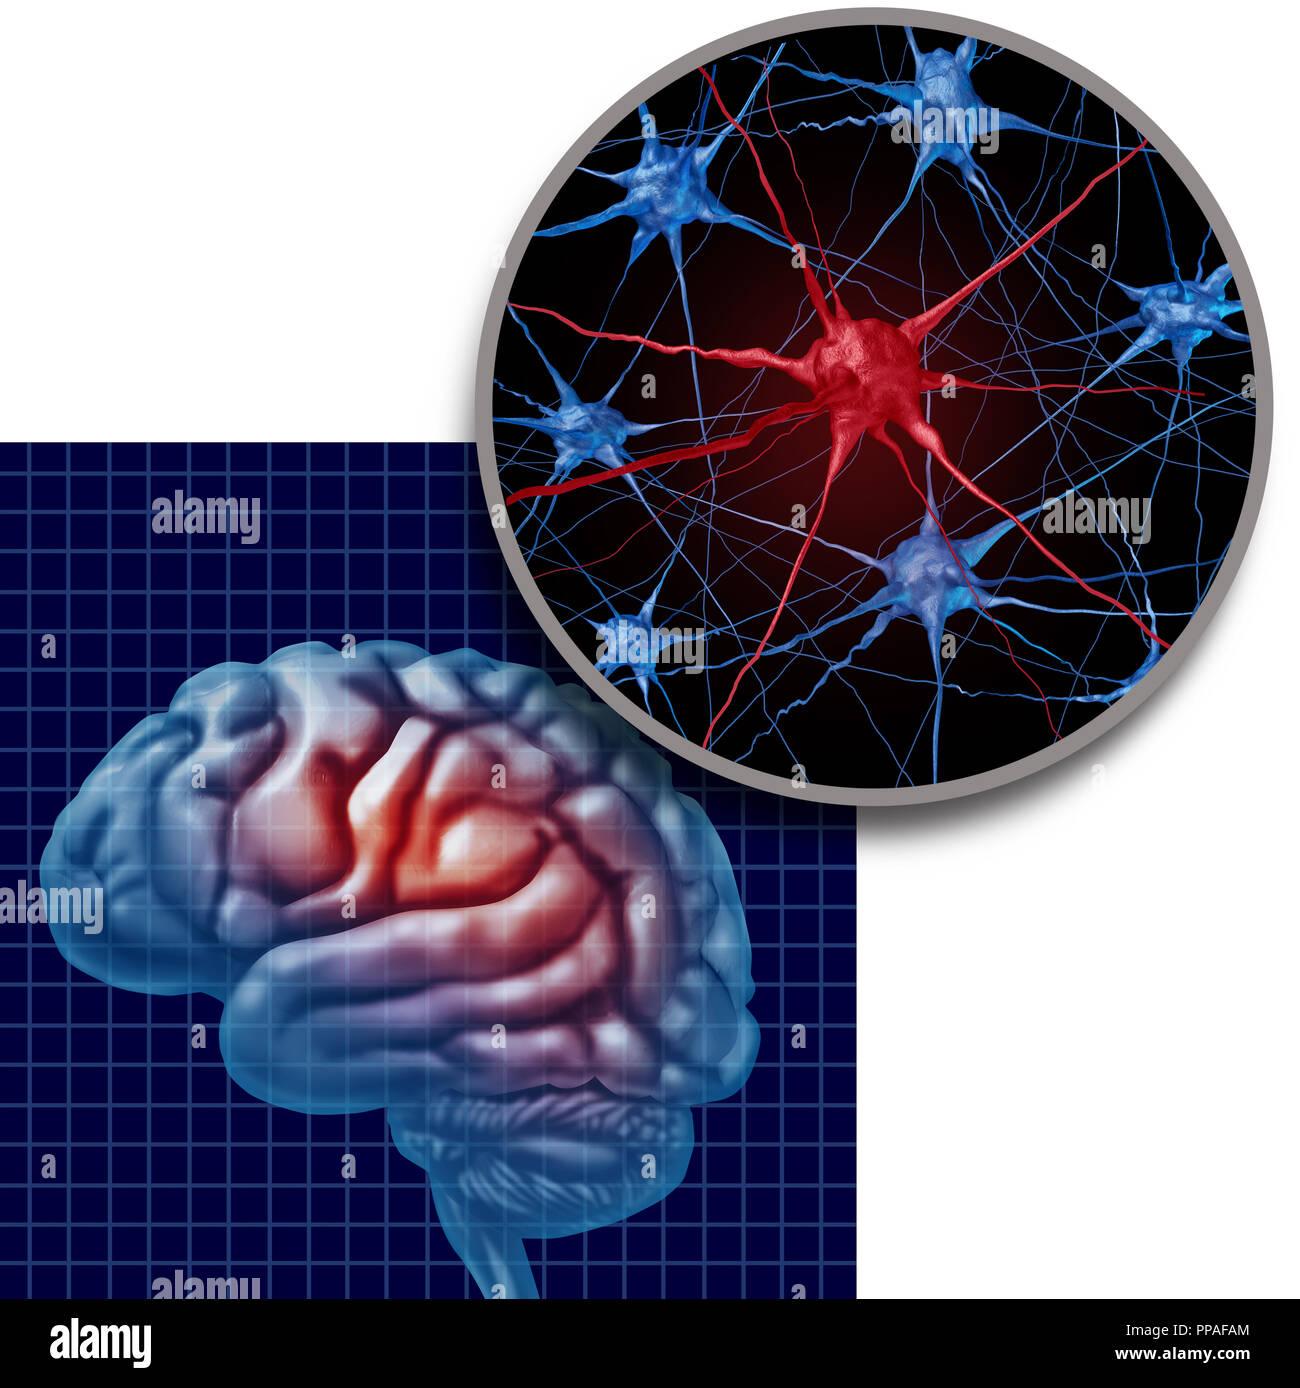 Concepto de anatomía cerebral Parkinson enfermedad del paciente de Parkinson y la enfermedad de Parkinson los síntomas del trastorno como una cabeza humana con las neuronas. Imagen De Stock